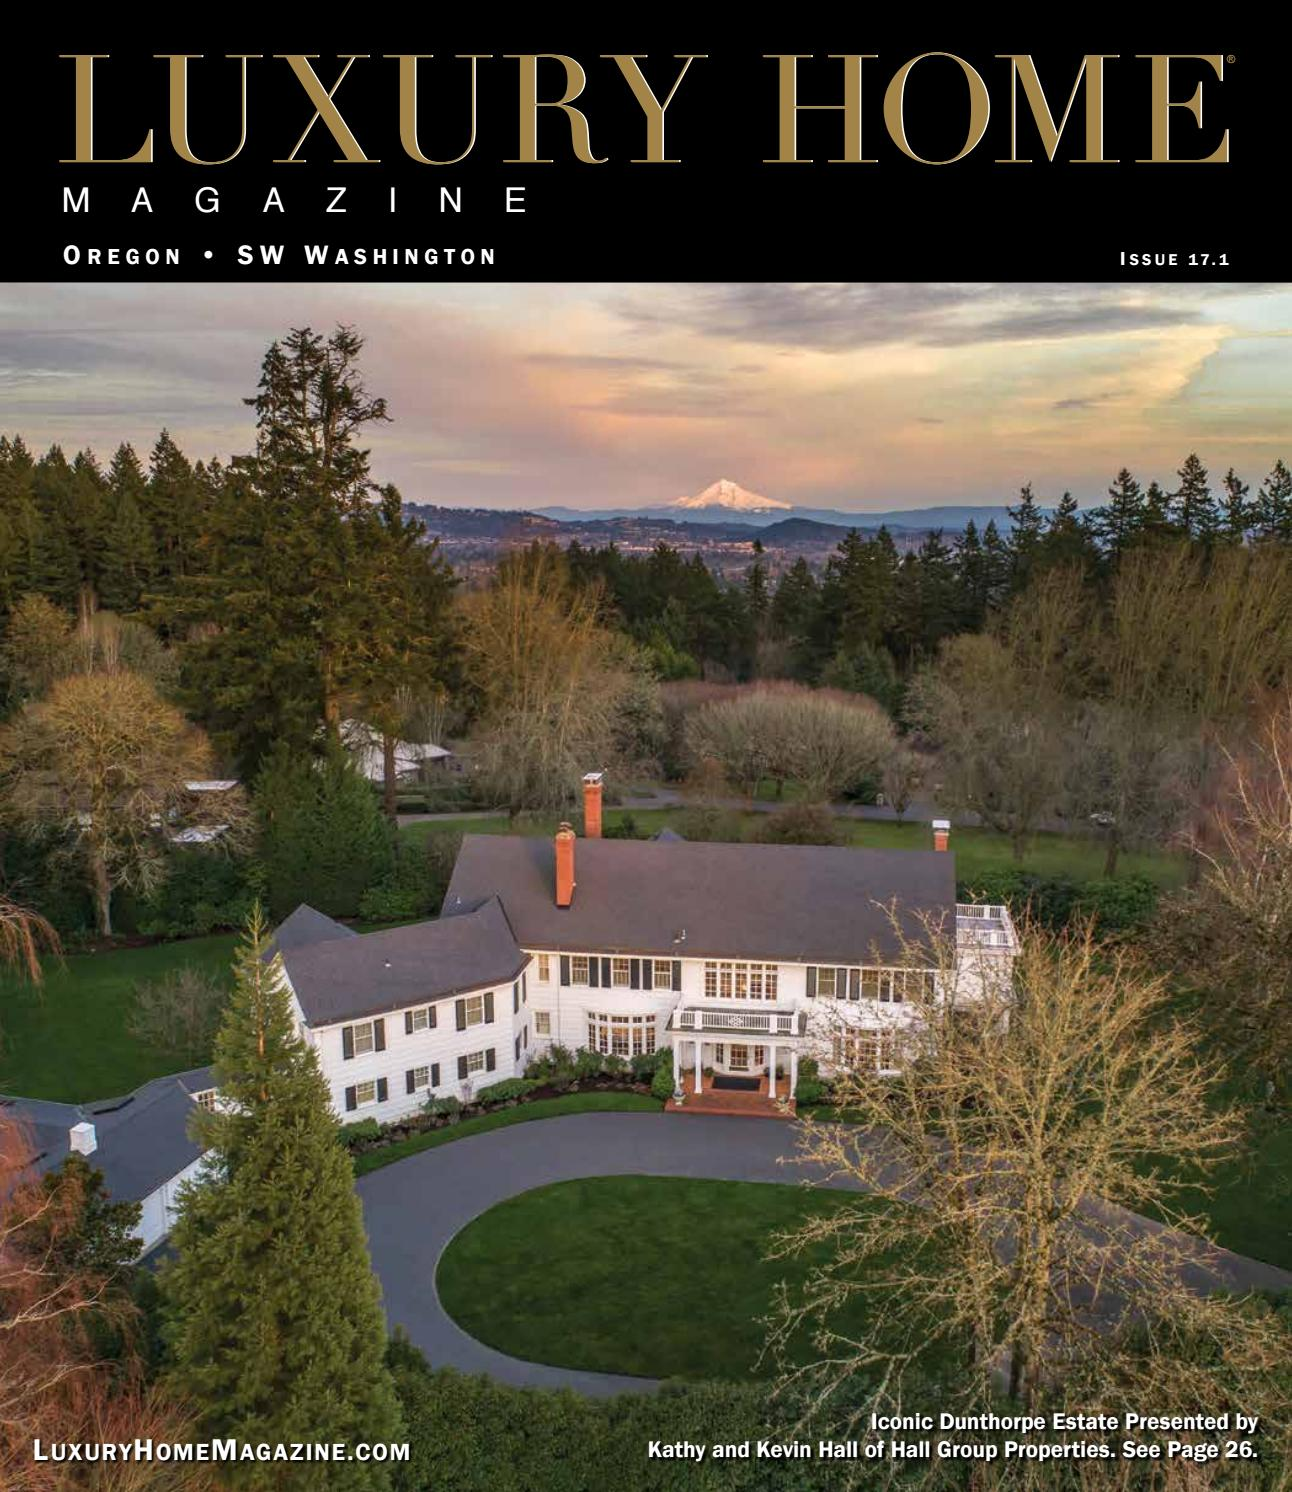 e99f20e9d4ad Luxury Home Magazine Oregon   SW Washington Issue 17.1 by Luxury Home  Magazine - issuu